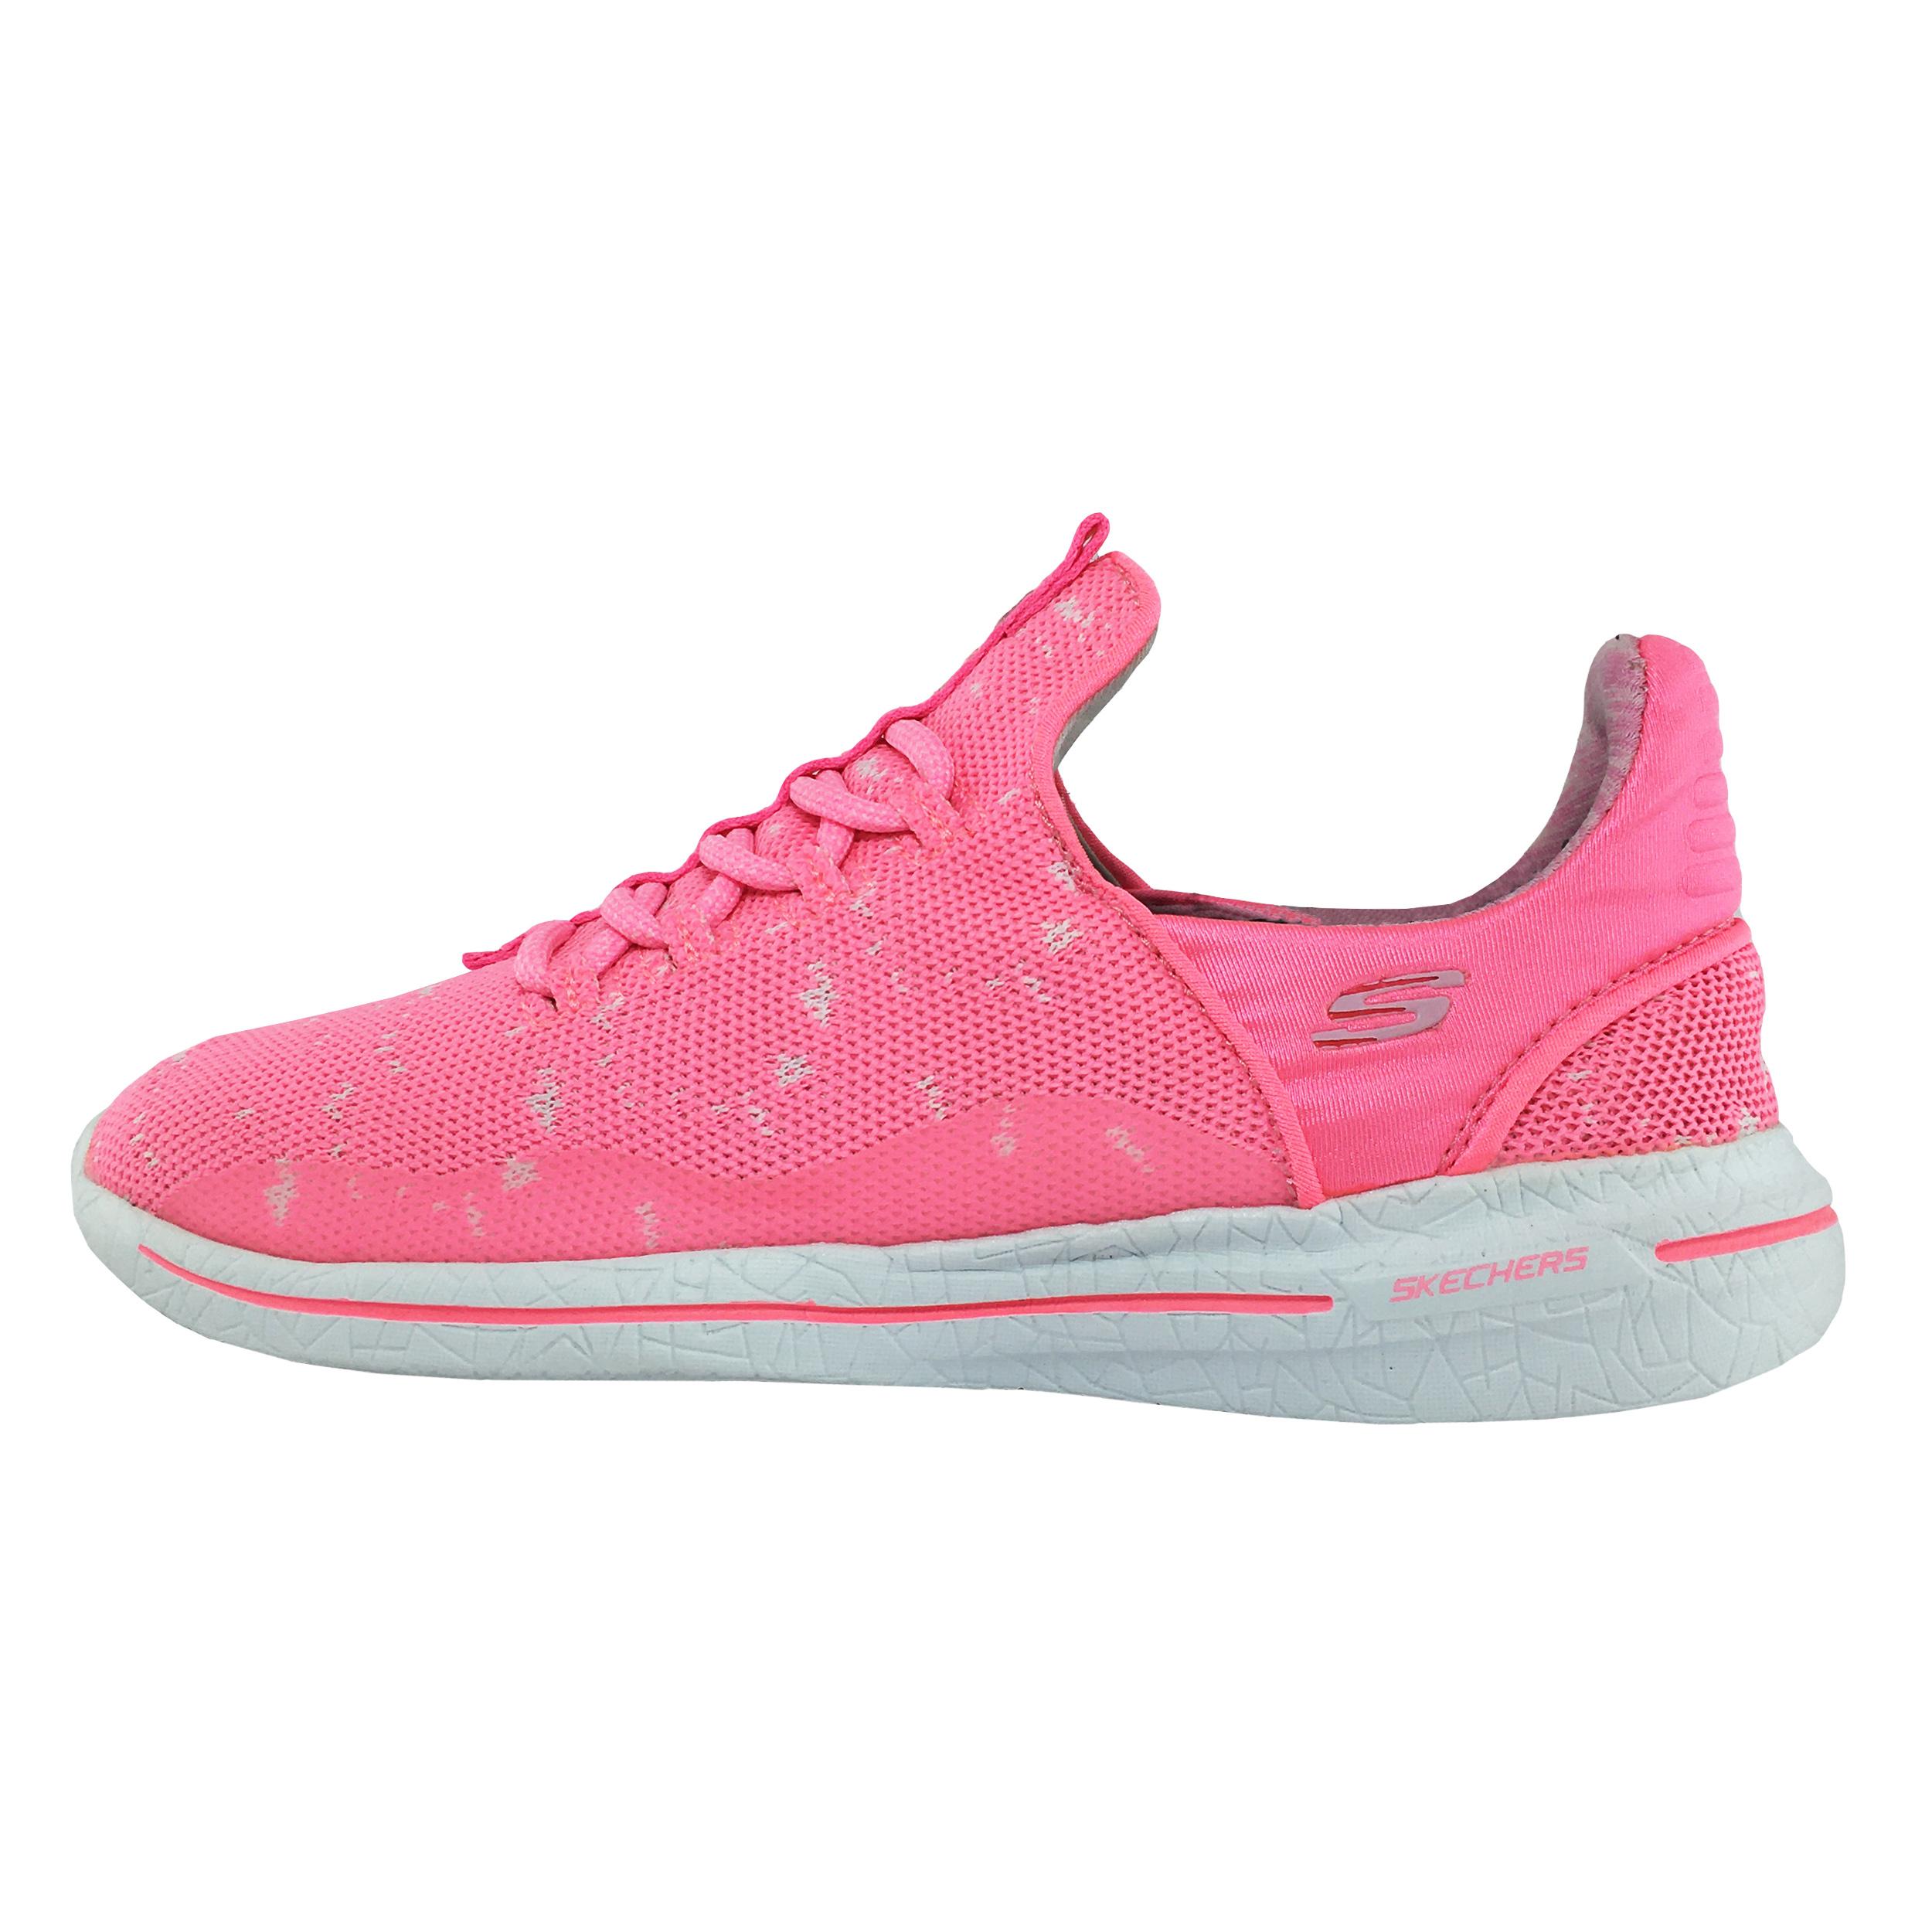 کفش مخصوص پیاده روی زنانه اسکچرز کد A43